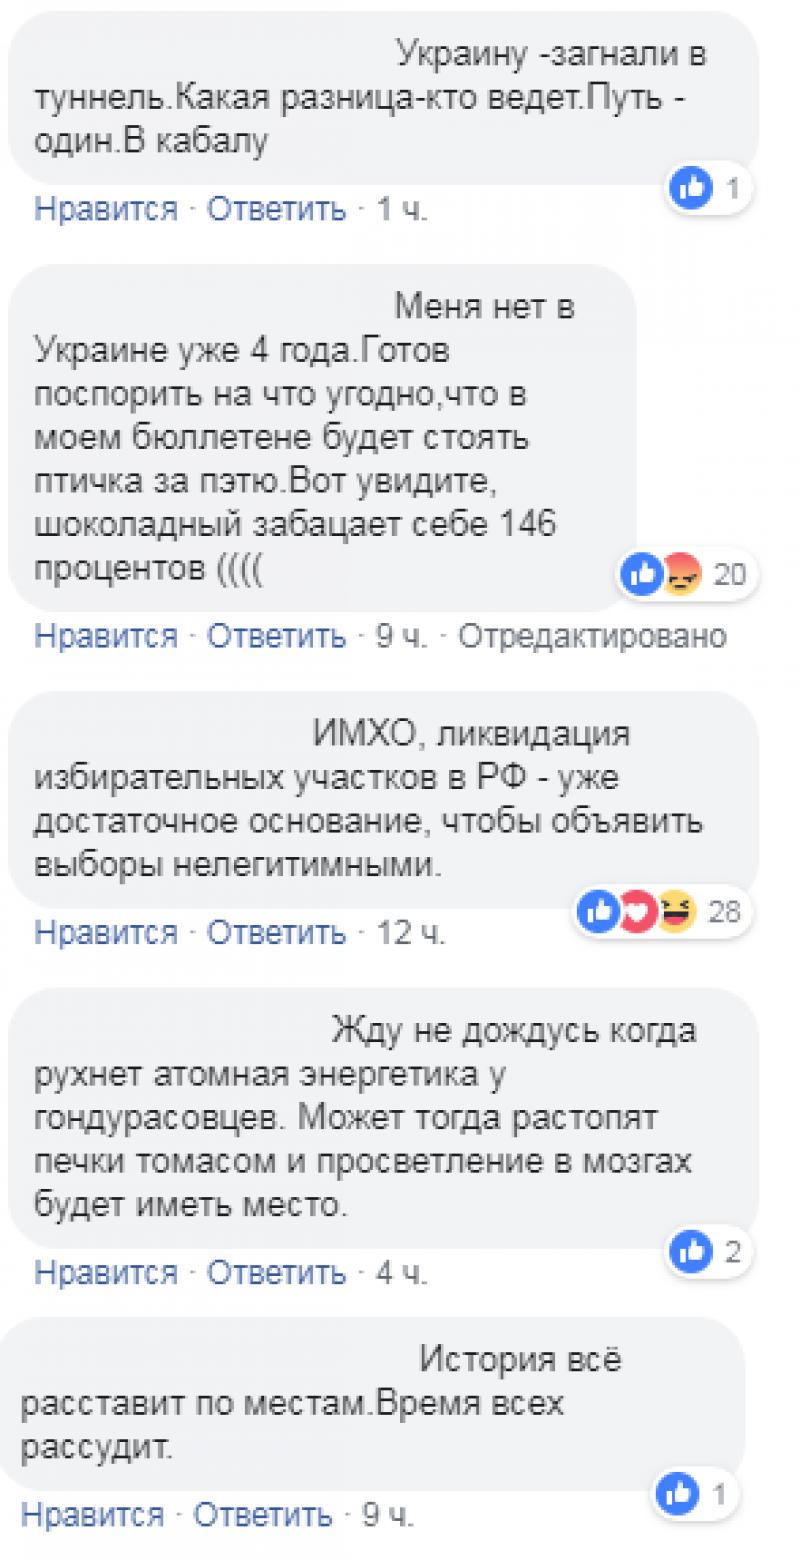 «История все расставит по местам»: в Сети оценили подробности избирательной кампании на Украине